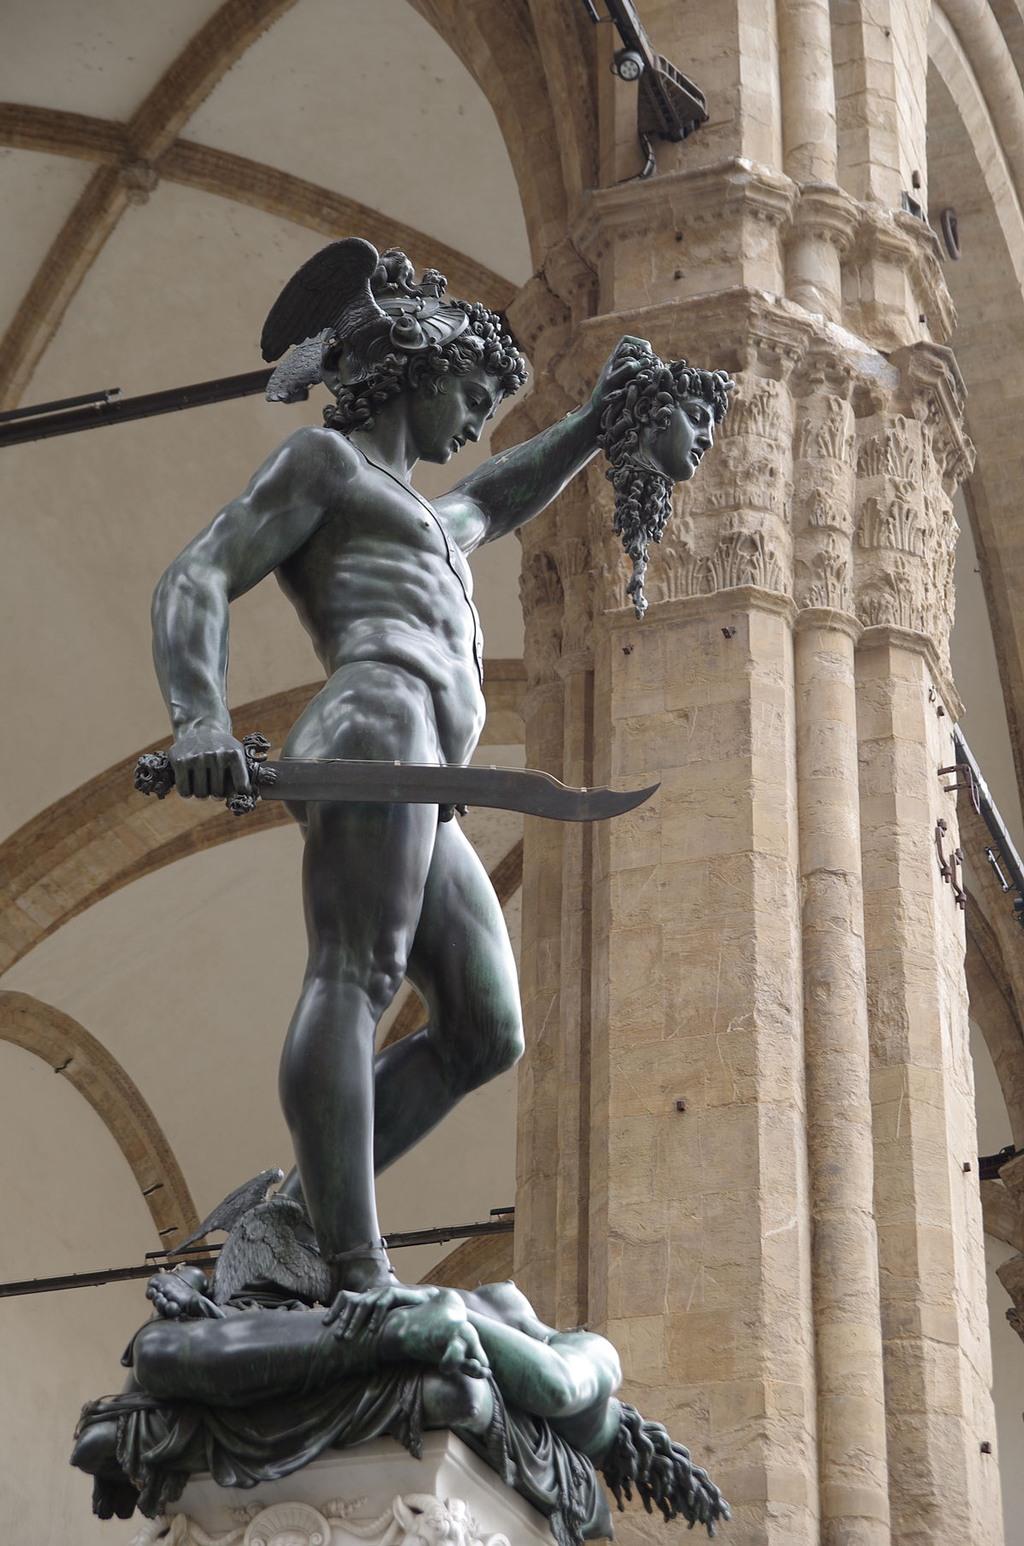 بيرسيوس حاملاً رأس الميدوسا